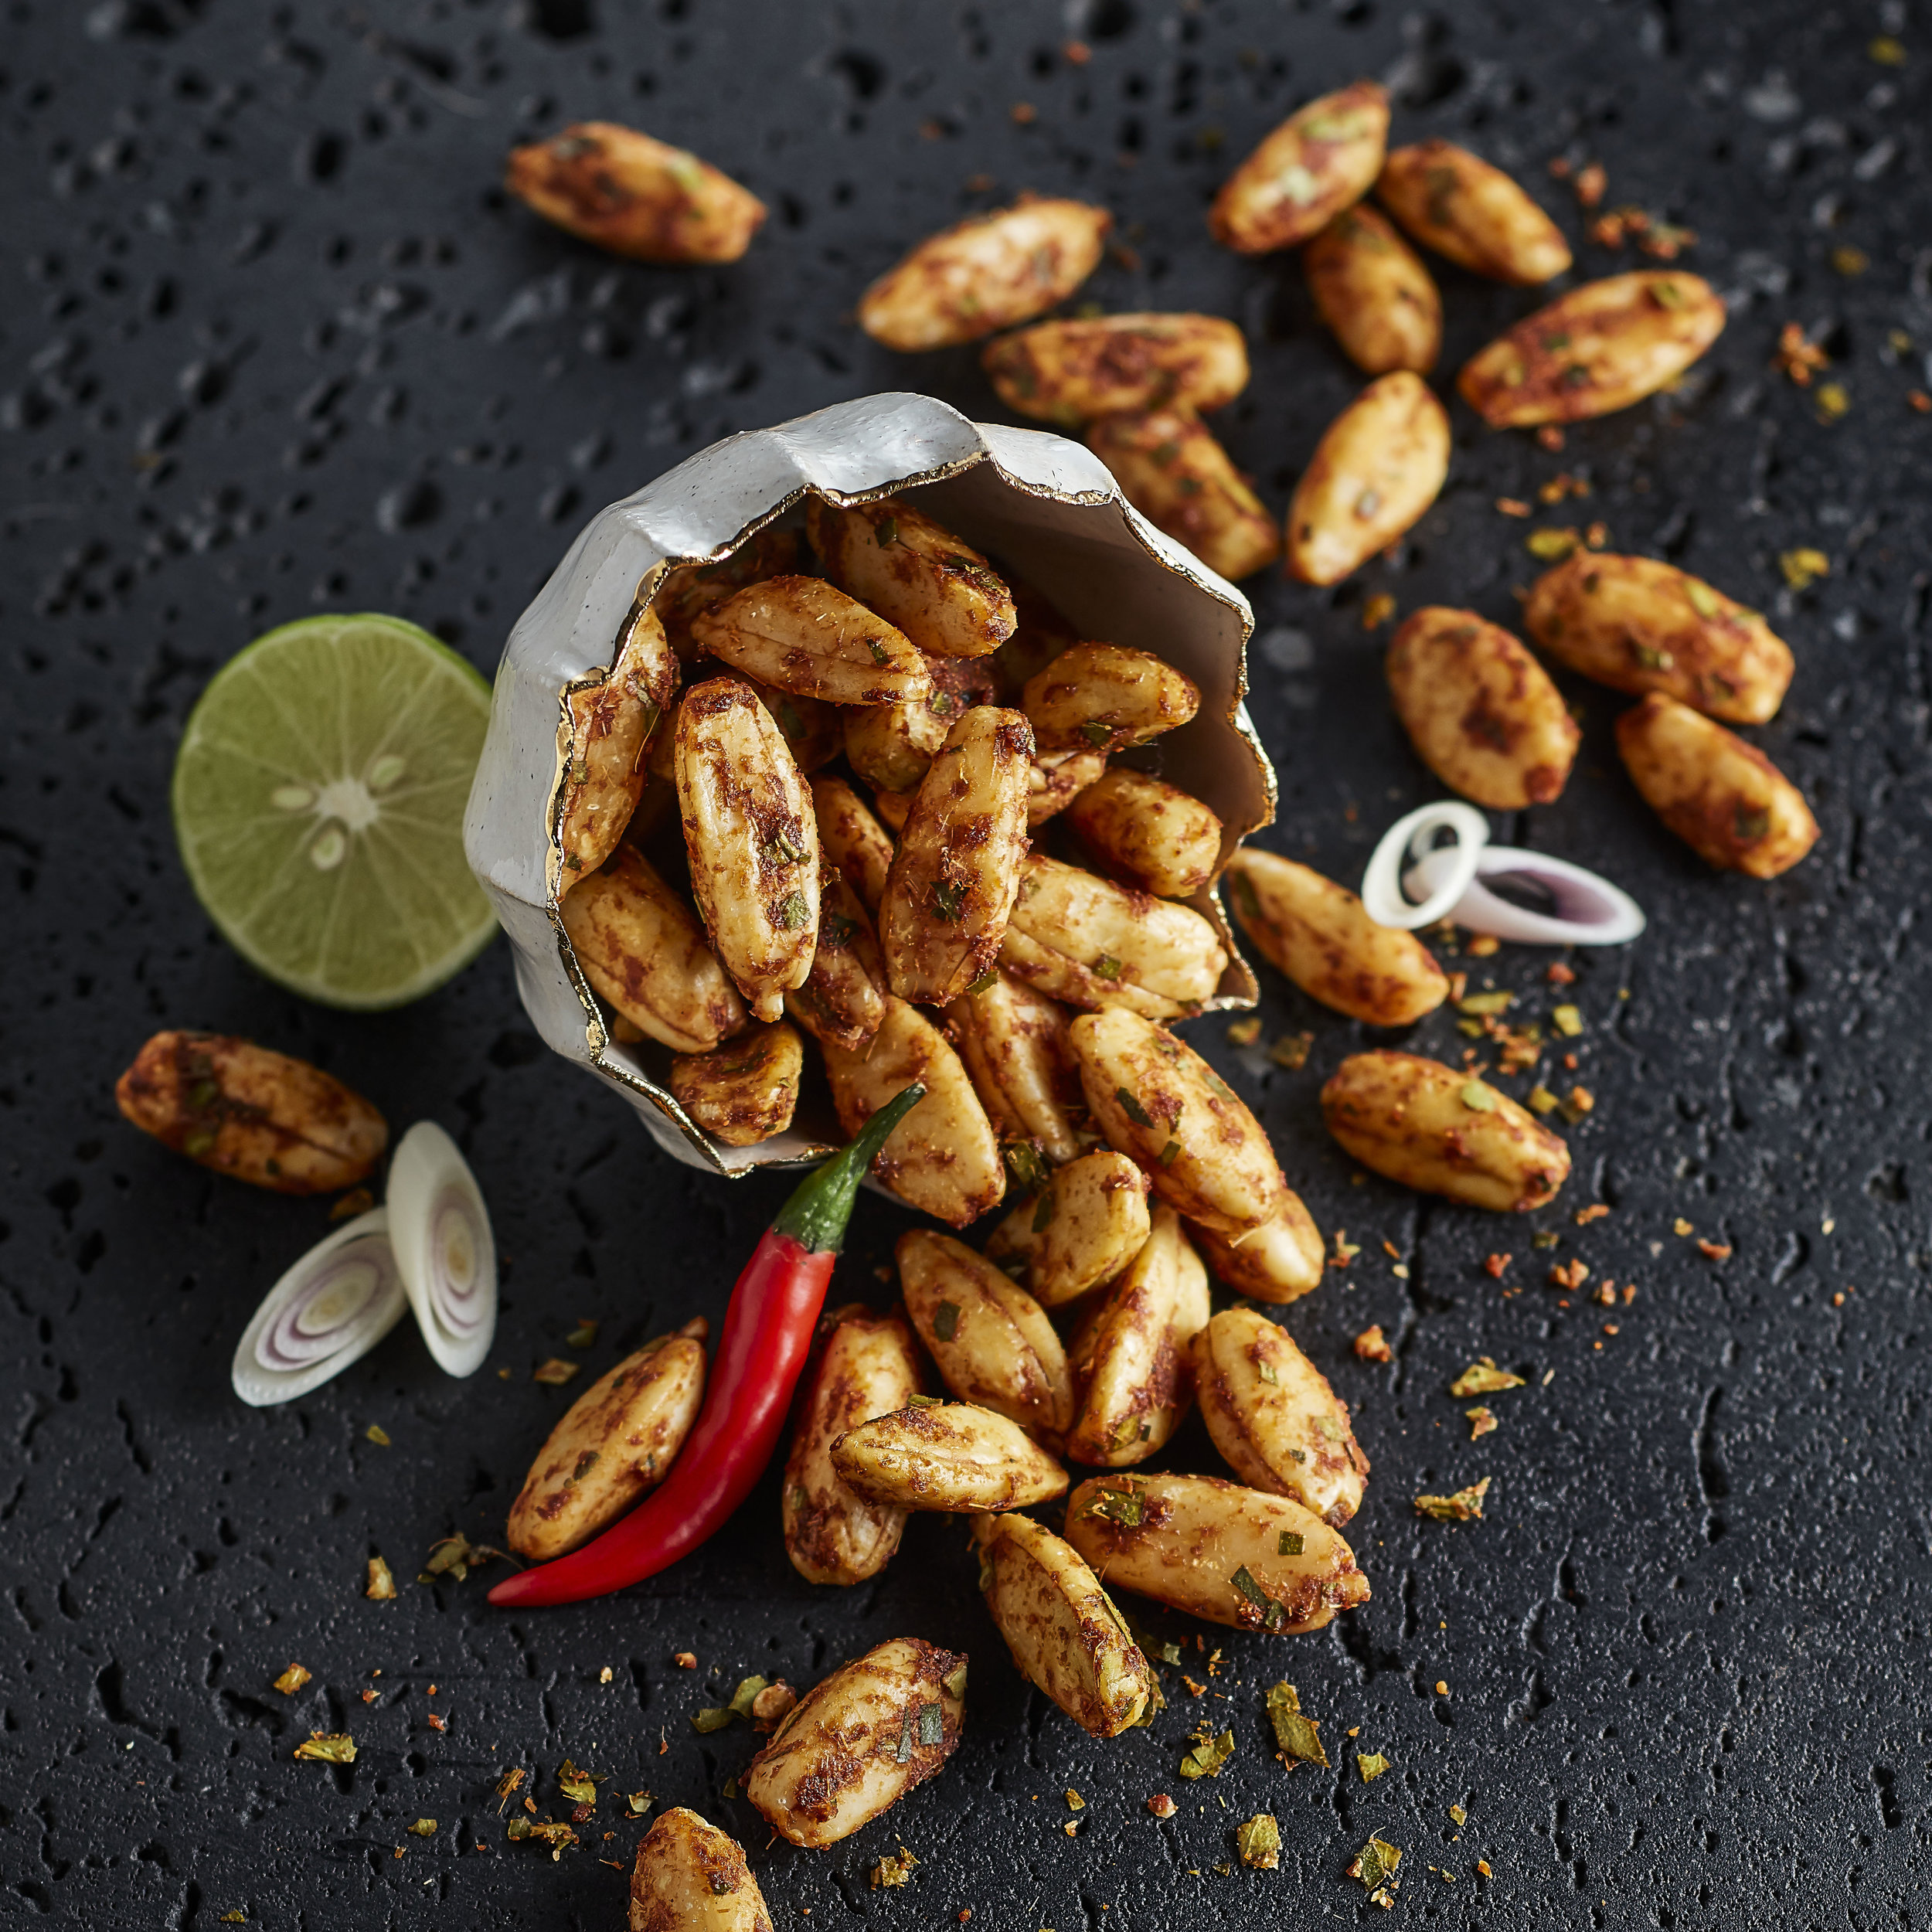 Mount Mayon Premium Pili Nuts